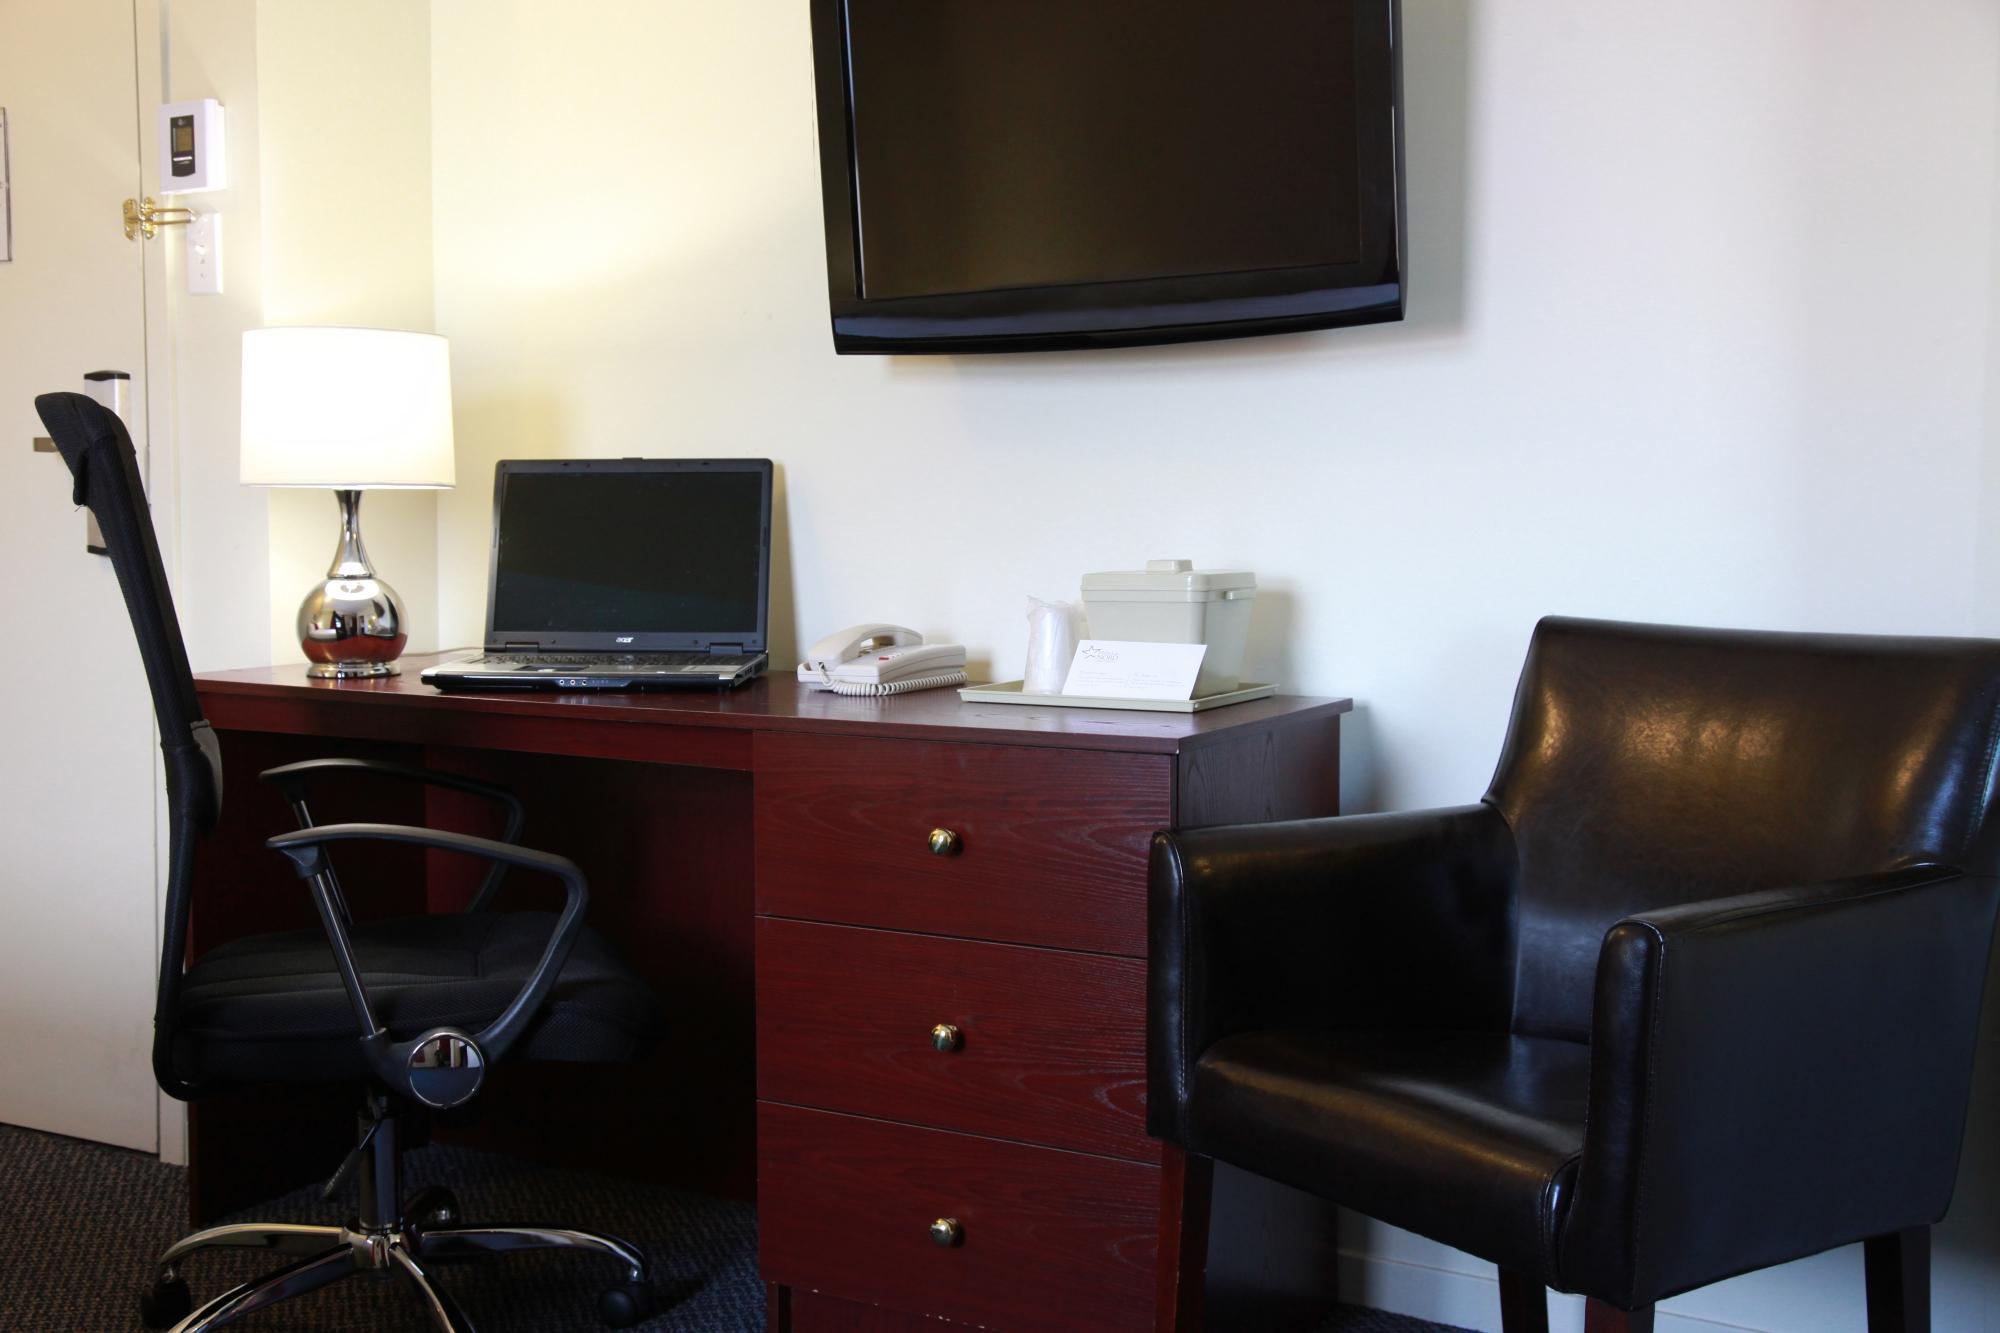 hotel-du-nord-2.jpg